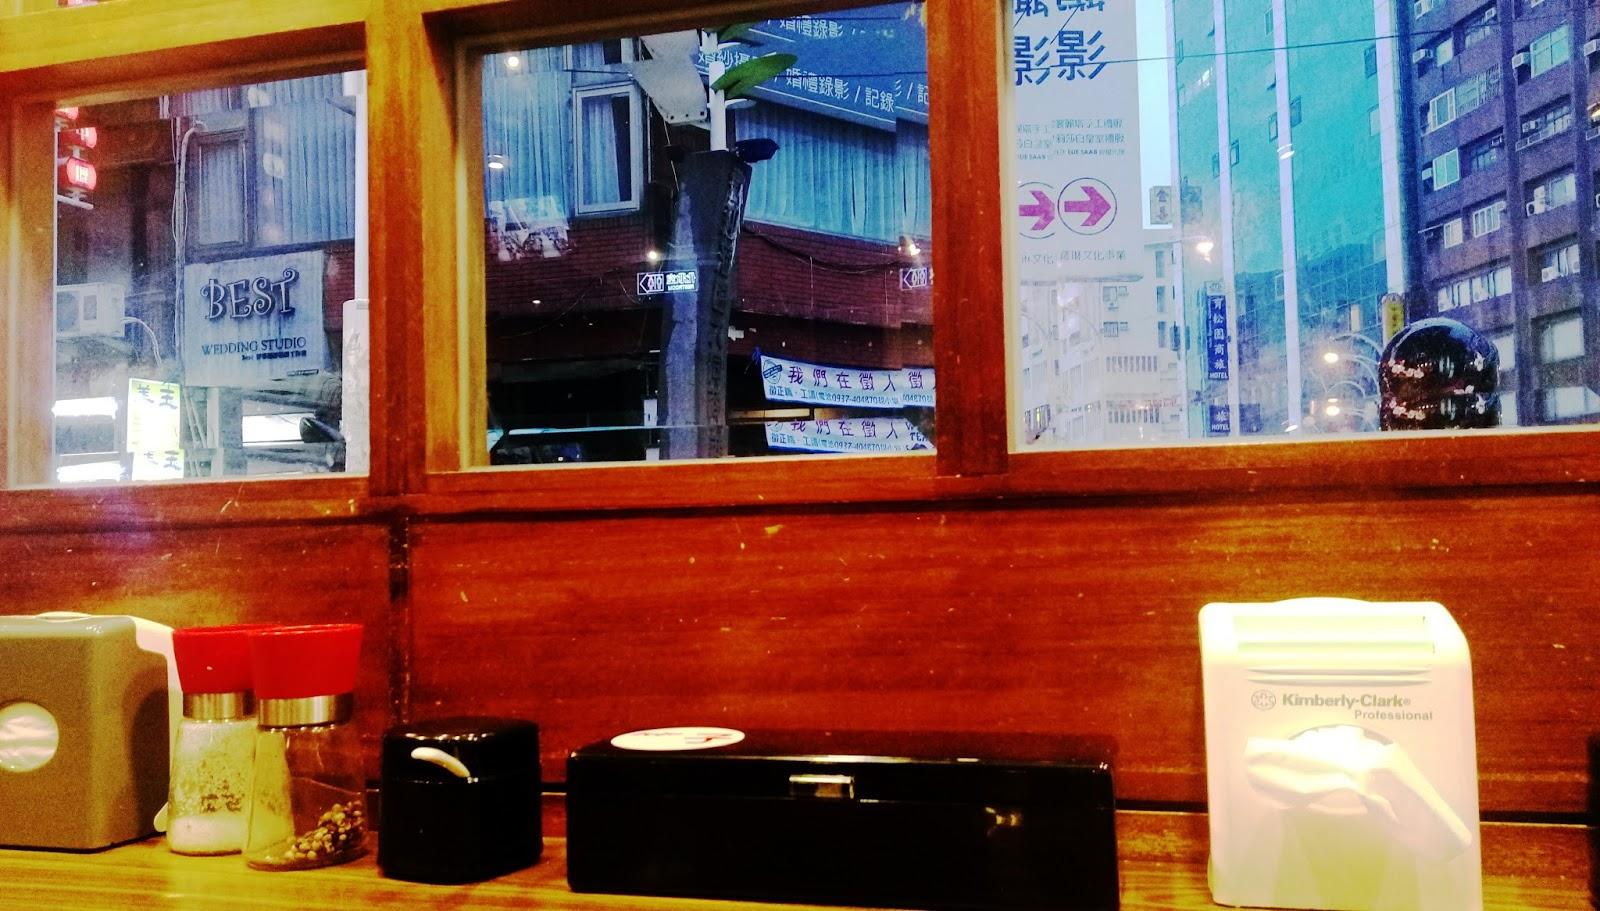 桃園中壢美食推薦|拉麵吧|人氣餐廳|日式餐廳 – 我在攝理教會的幸福食光